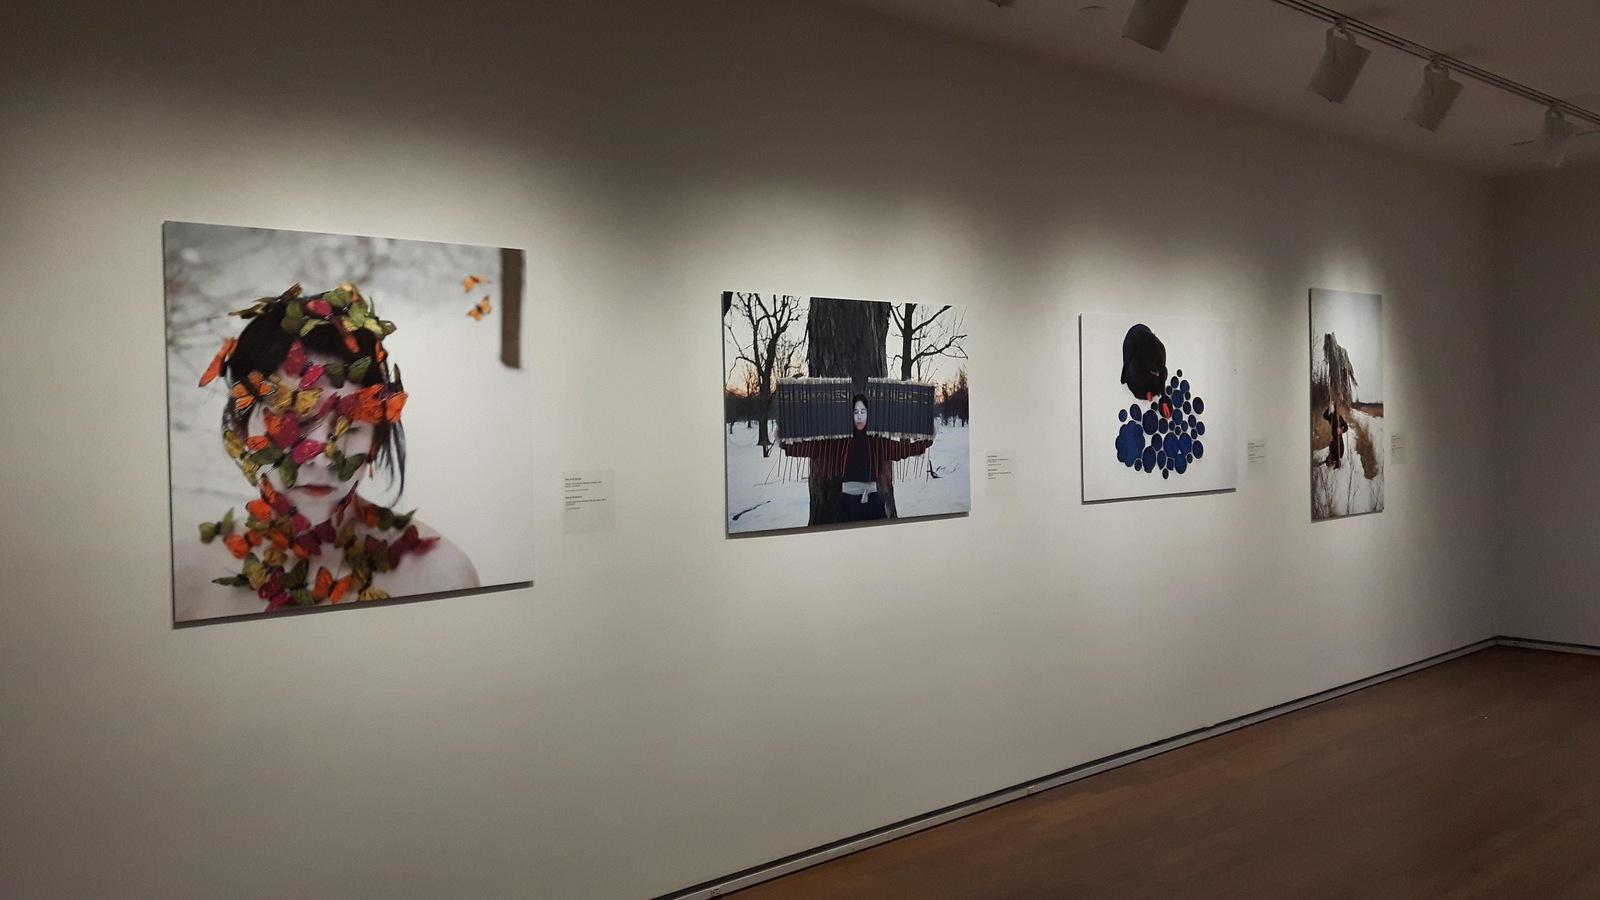 Les photographies de Meryl McMaster sont exposées au Musée des beaux-arts de Montréal jusqu'au 3 décembre 2017.